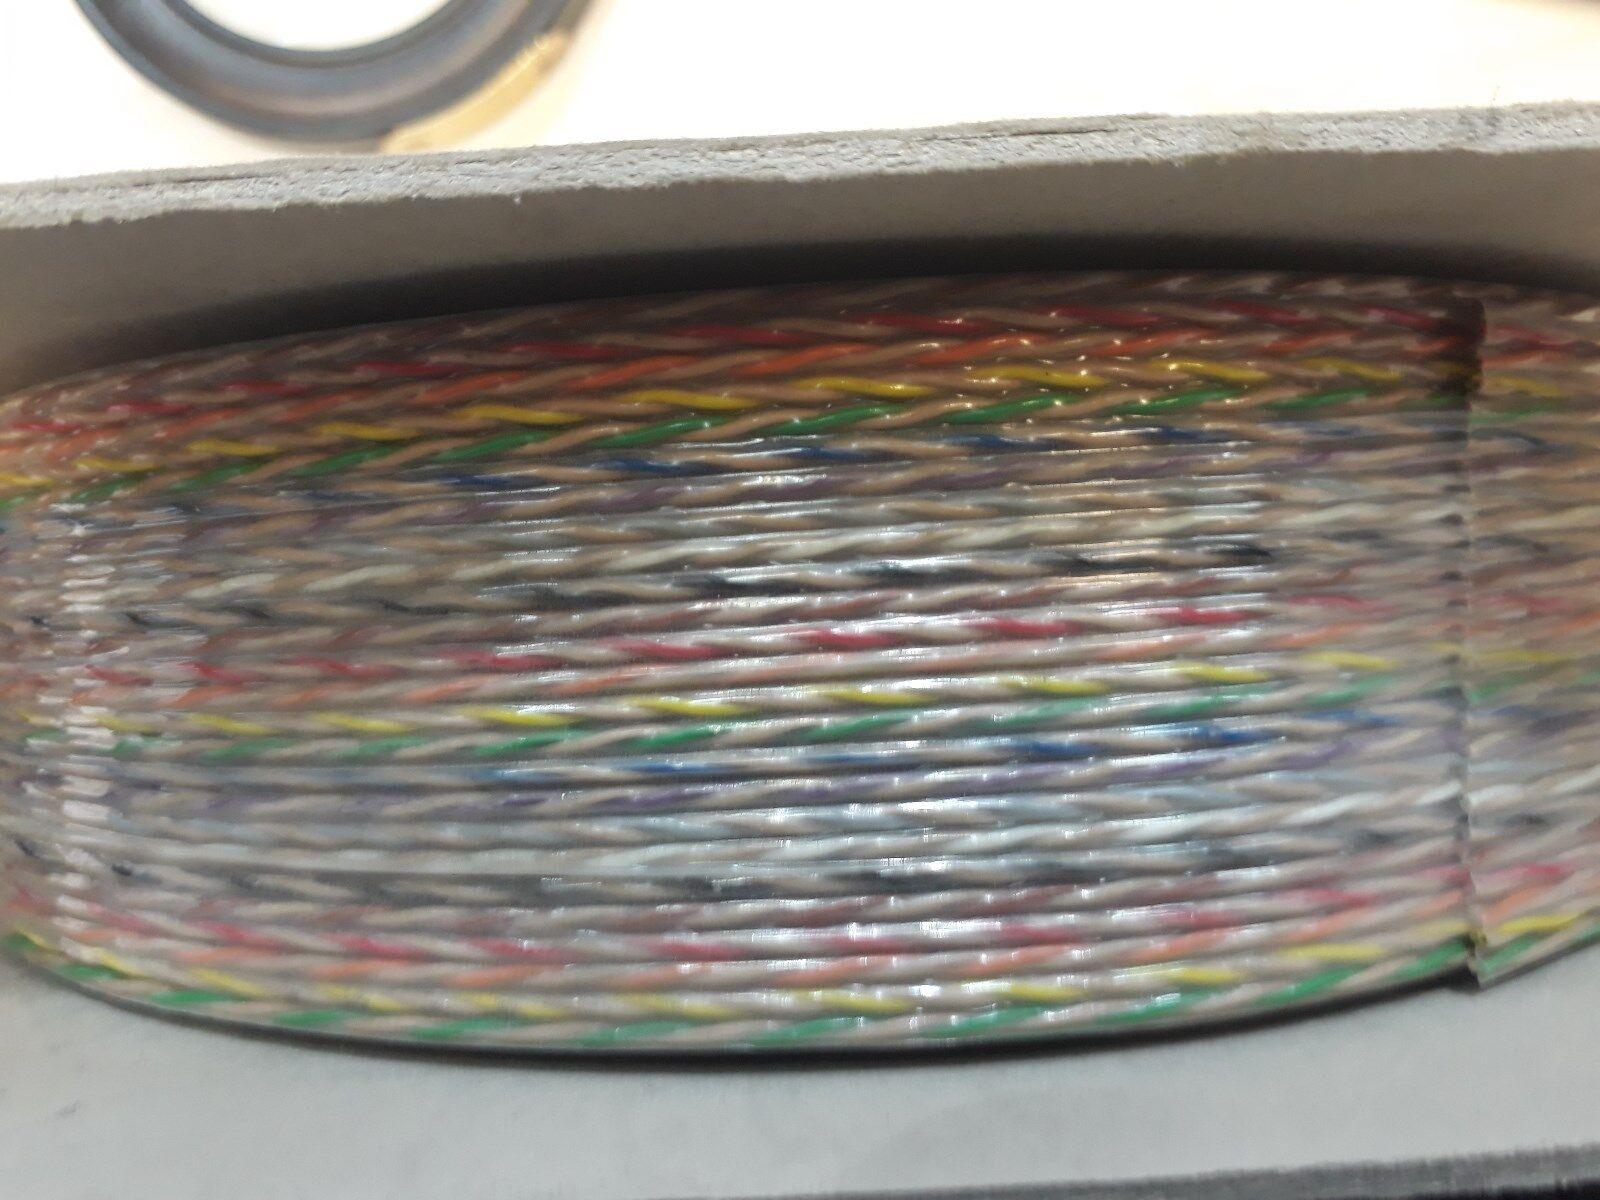 TNF1-5026-007   CABLE-FLAT 25X2C 26P.05  M C  100 METER